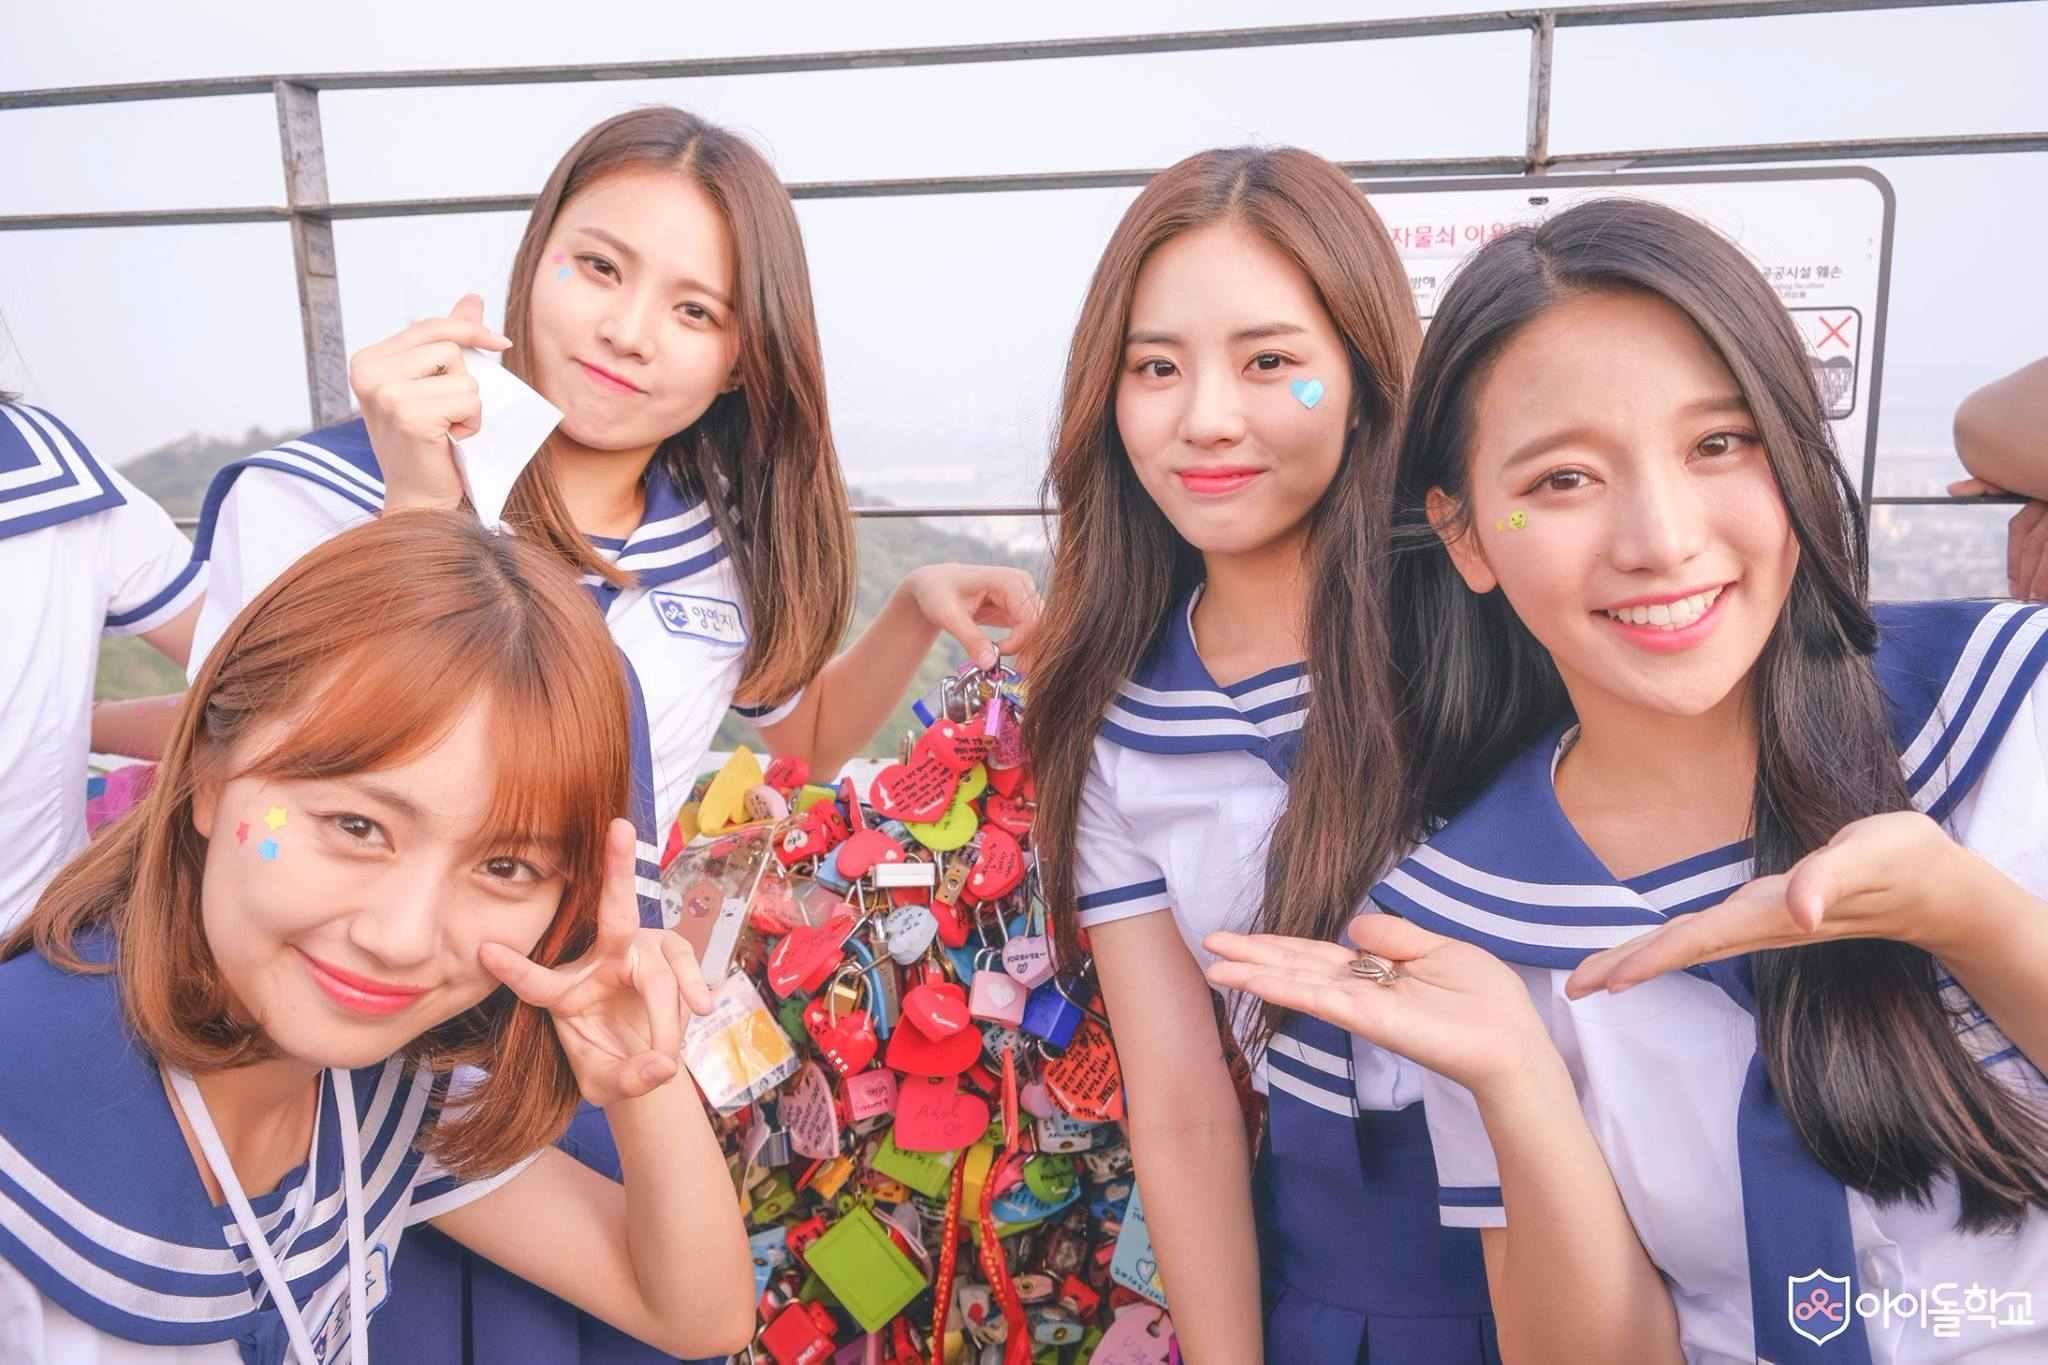 雖然韓國樂壇在近年幾乎成為亞洲的風向指標,不過想在高度競爭的韓國偶像圈中交出漂亮成績單,外國成員似乎得付出比其他人更多的努力。像是最近演出《偶像學校》的成員蔡瑞雪,就曾因為一開始不諳韓文而在節目上難以和其他練習生溝通,也因此畫面不多